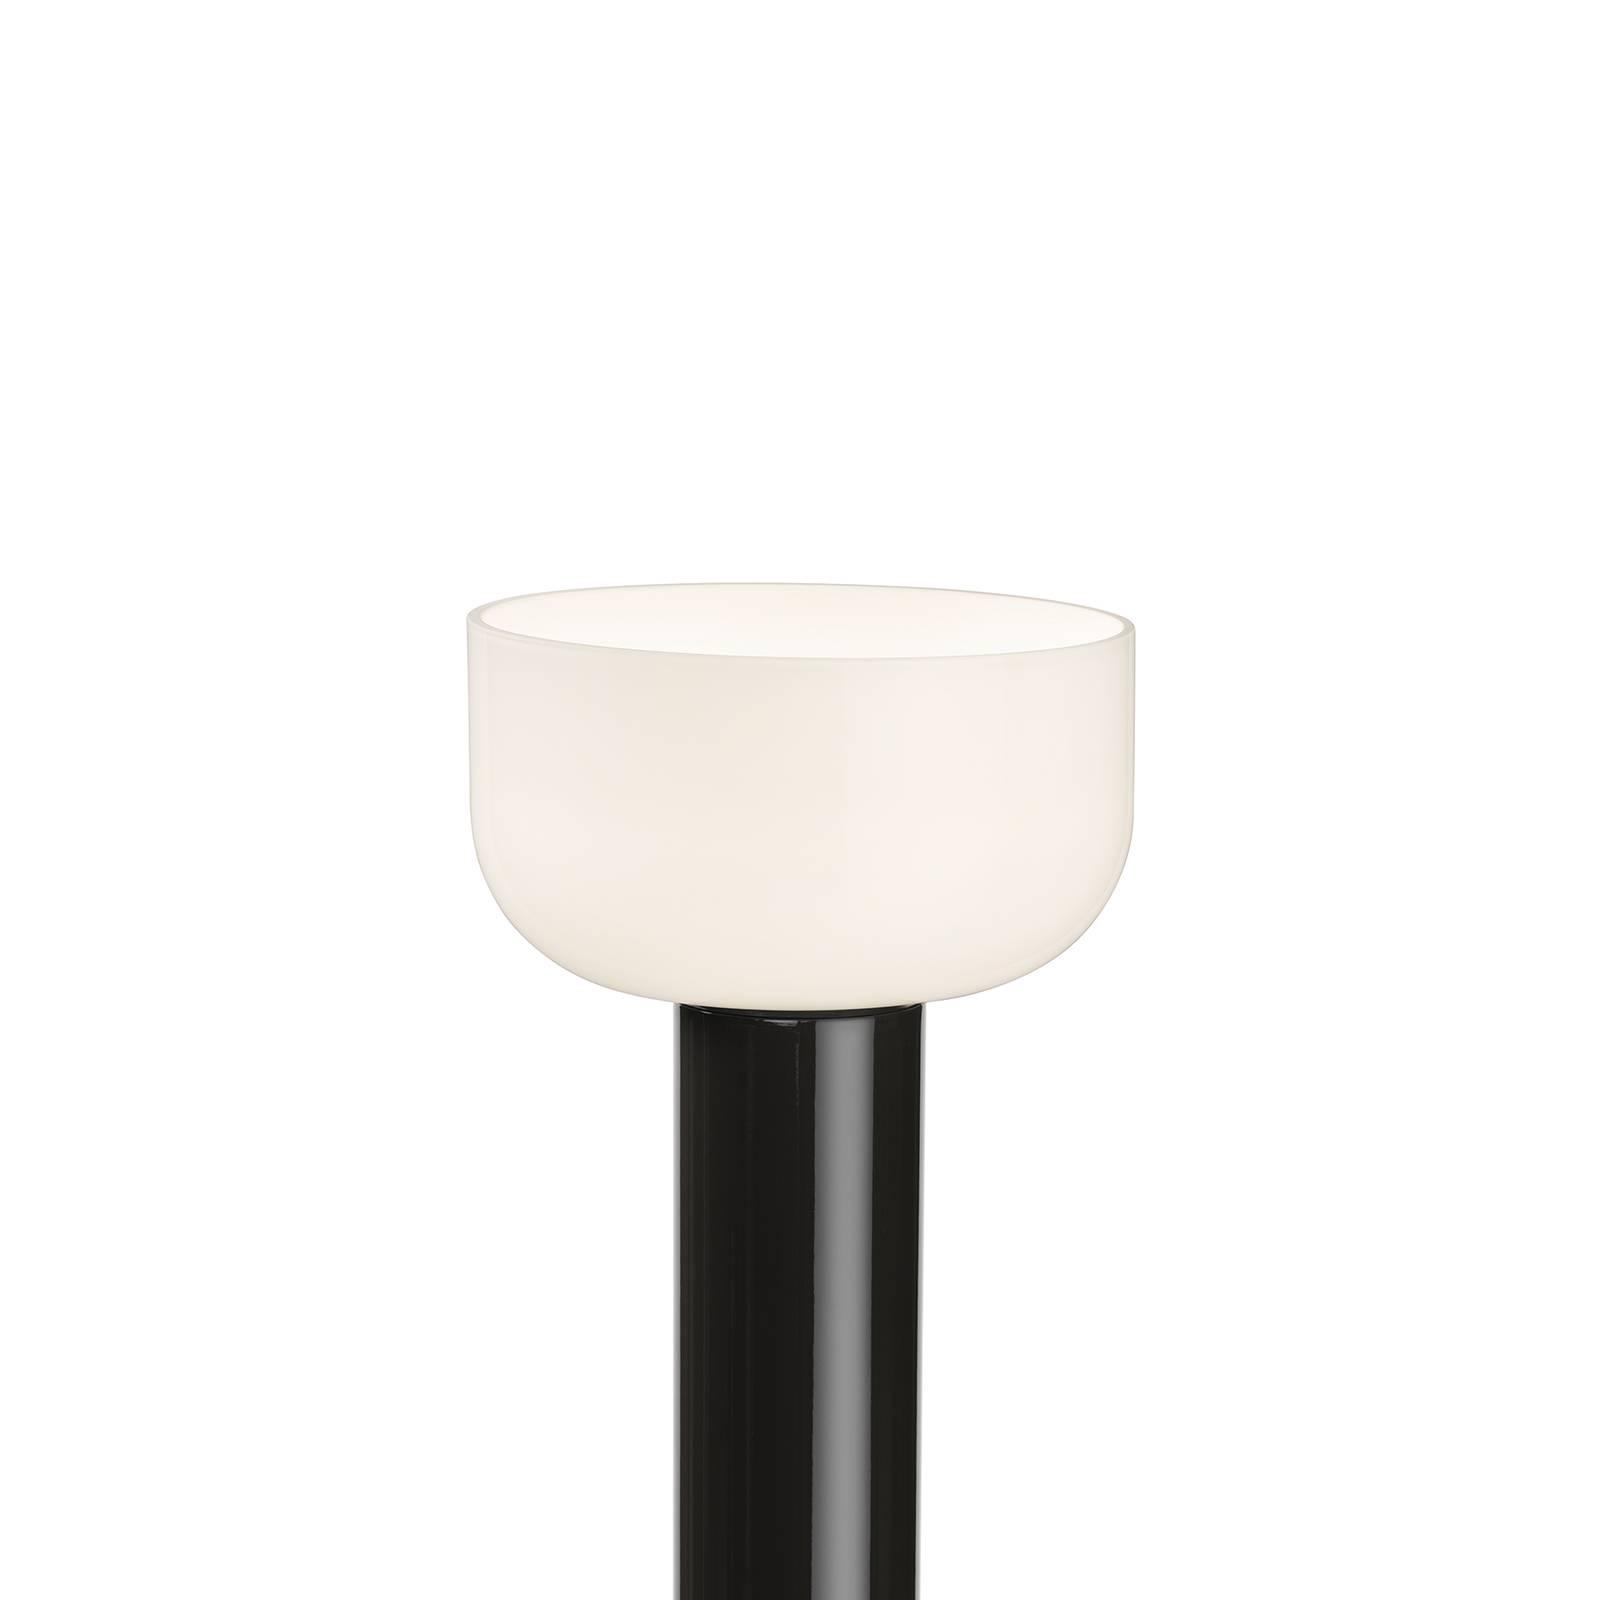 FLOS Bellhop LED-Stehleuchte, dunkelbraun